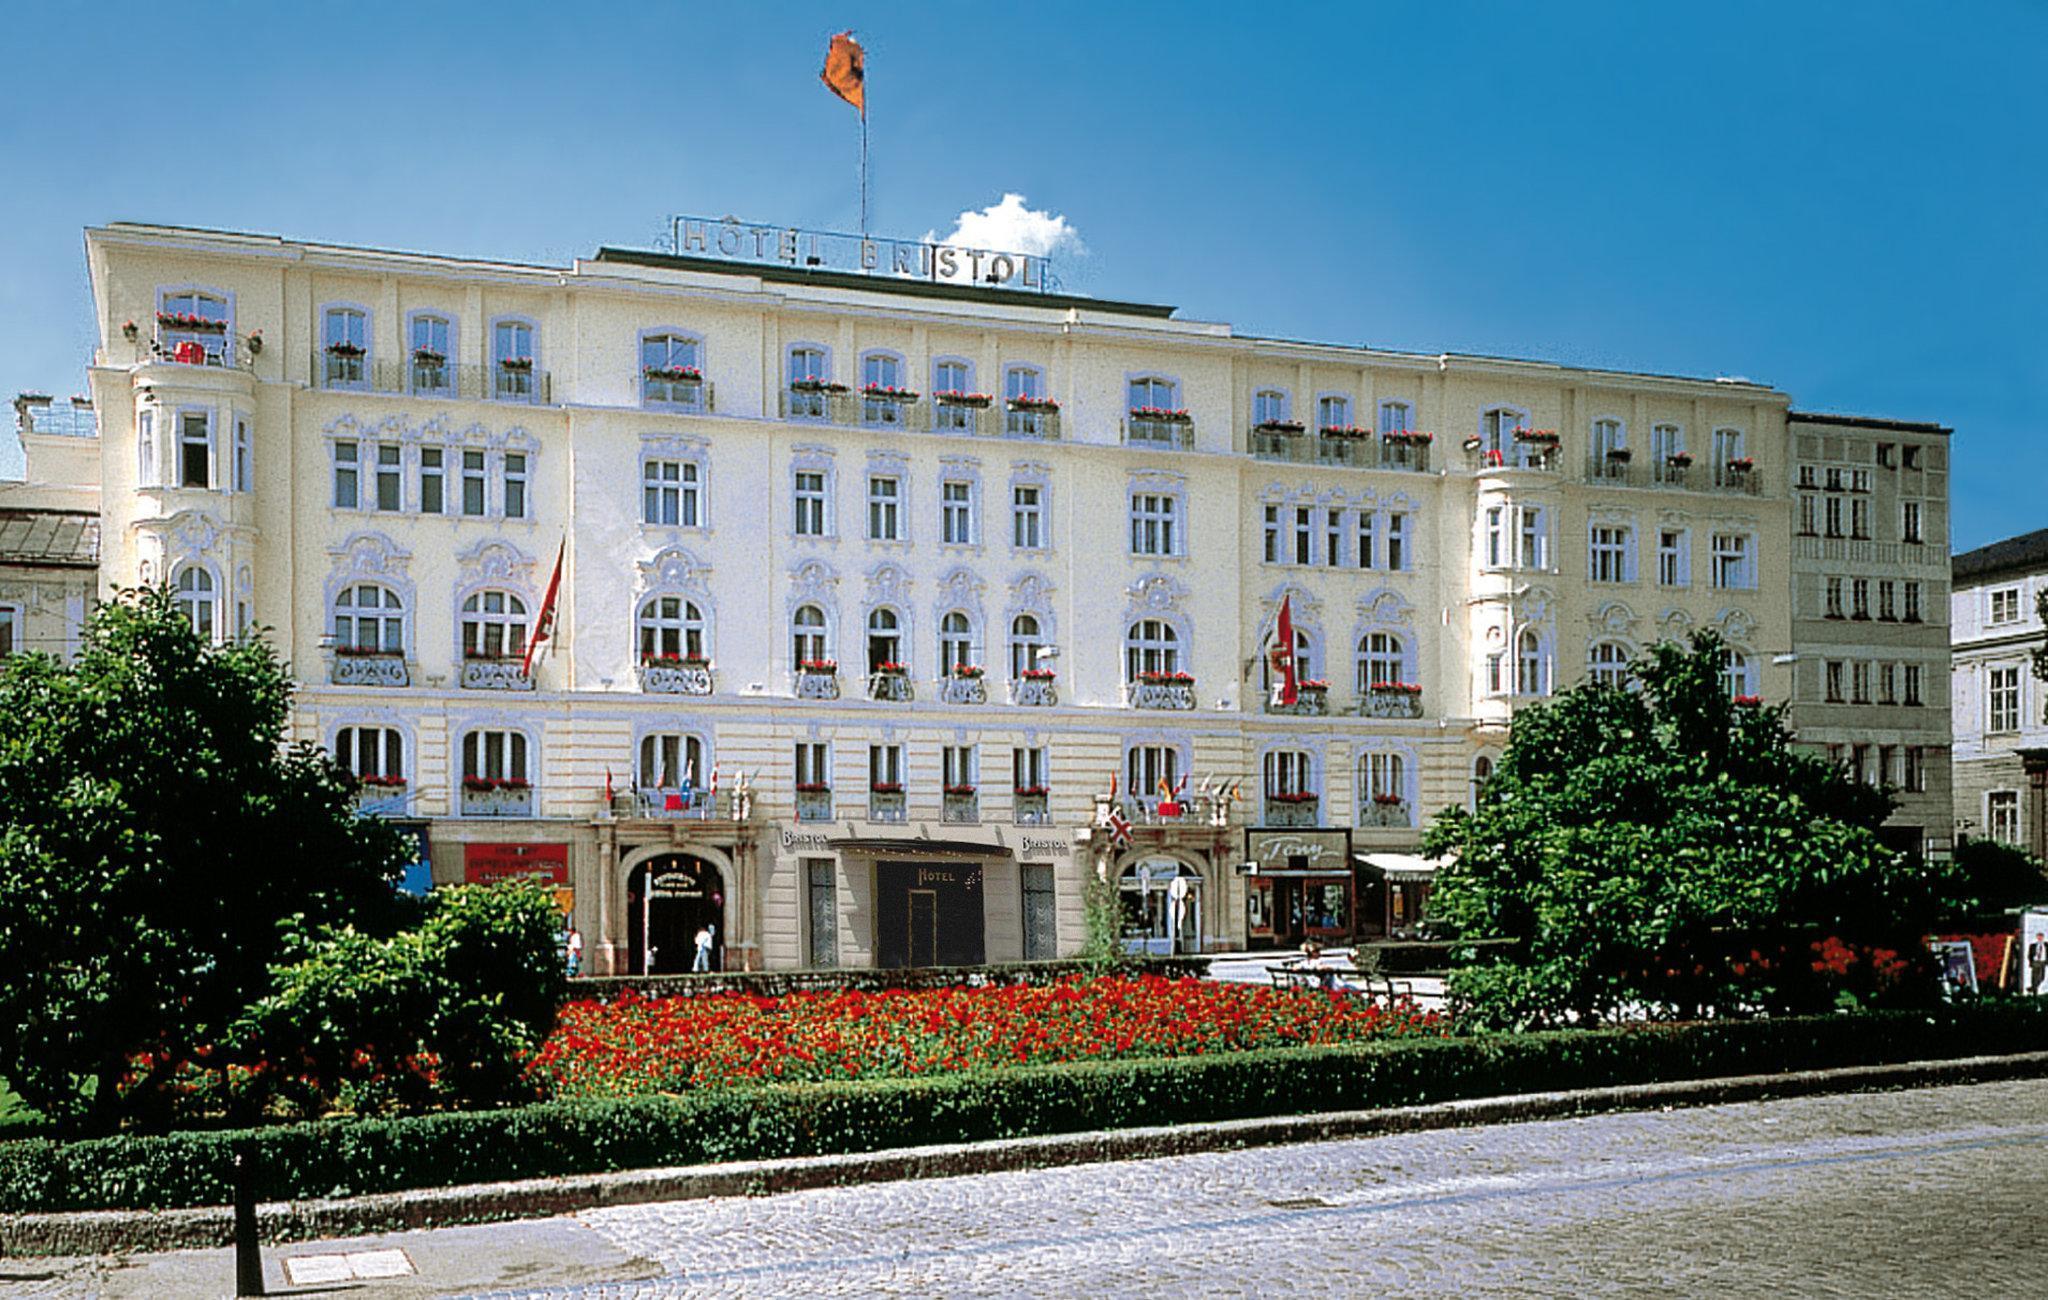 Hotel Bristol Salzburg